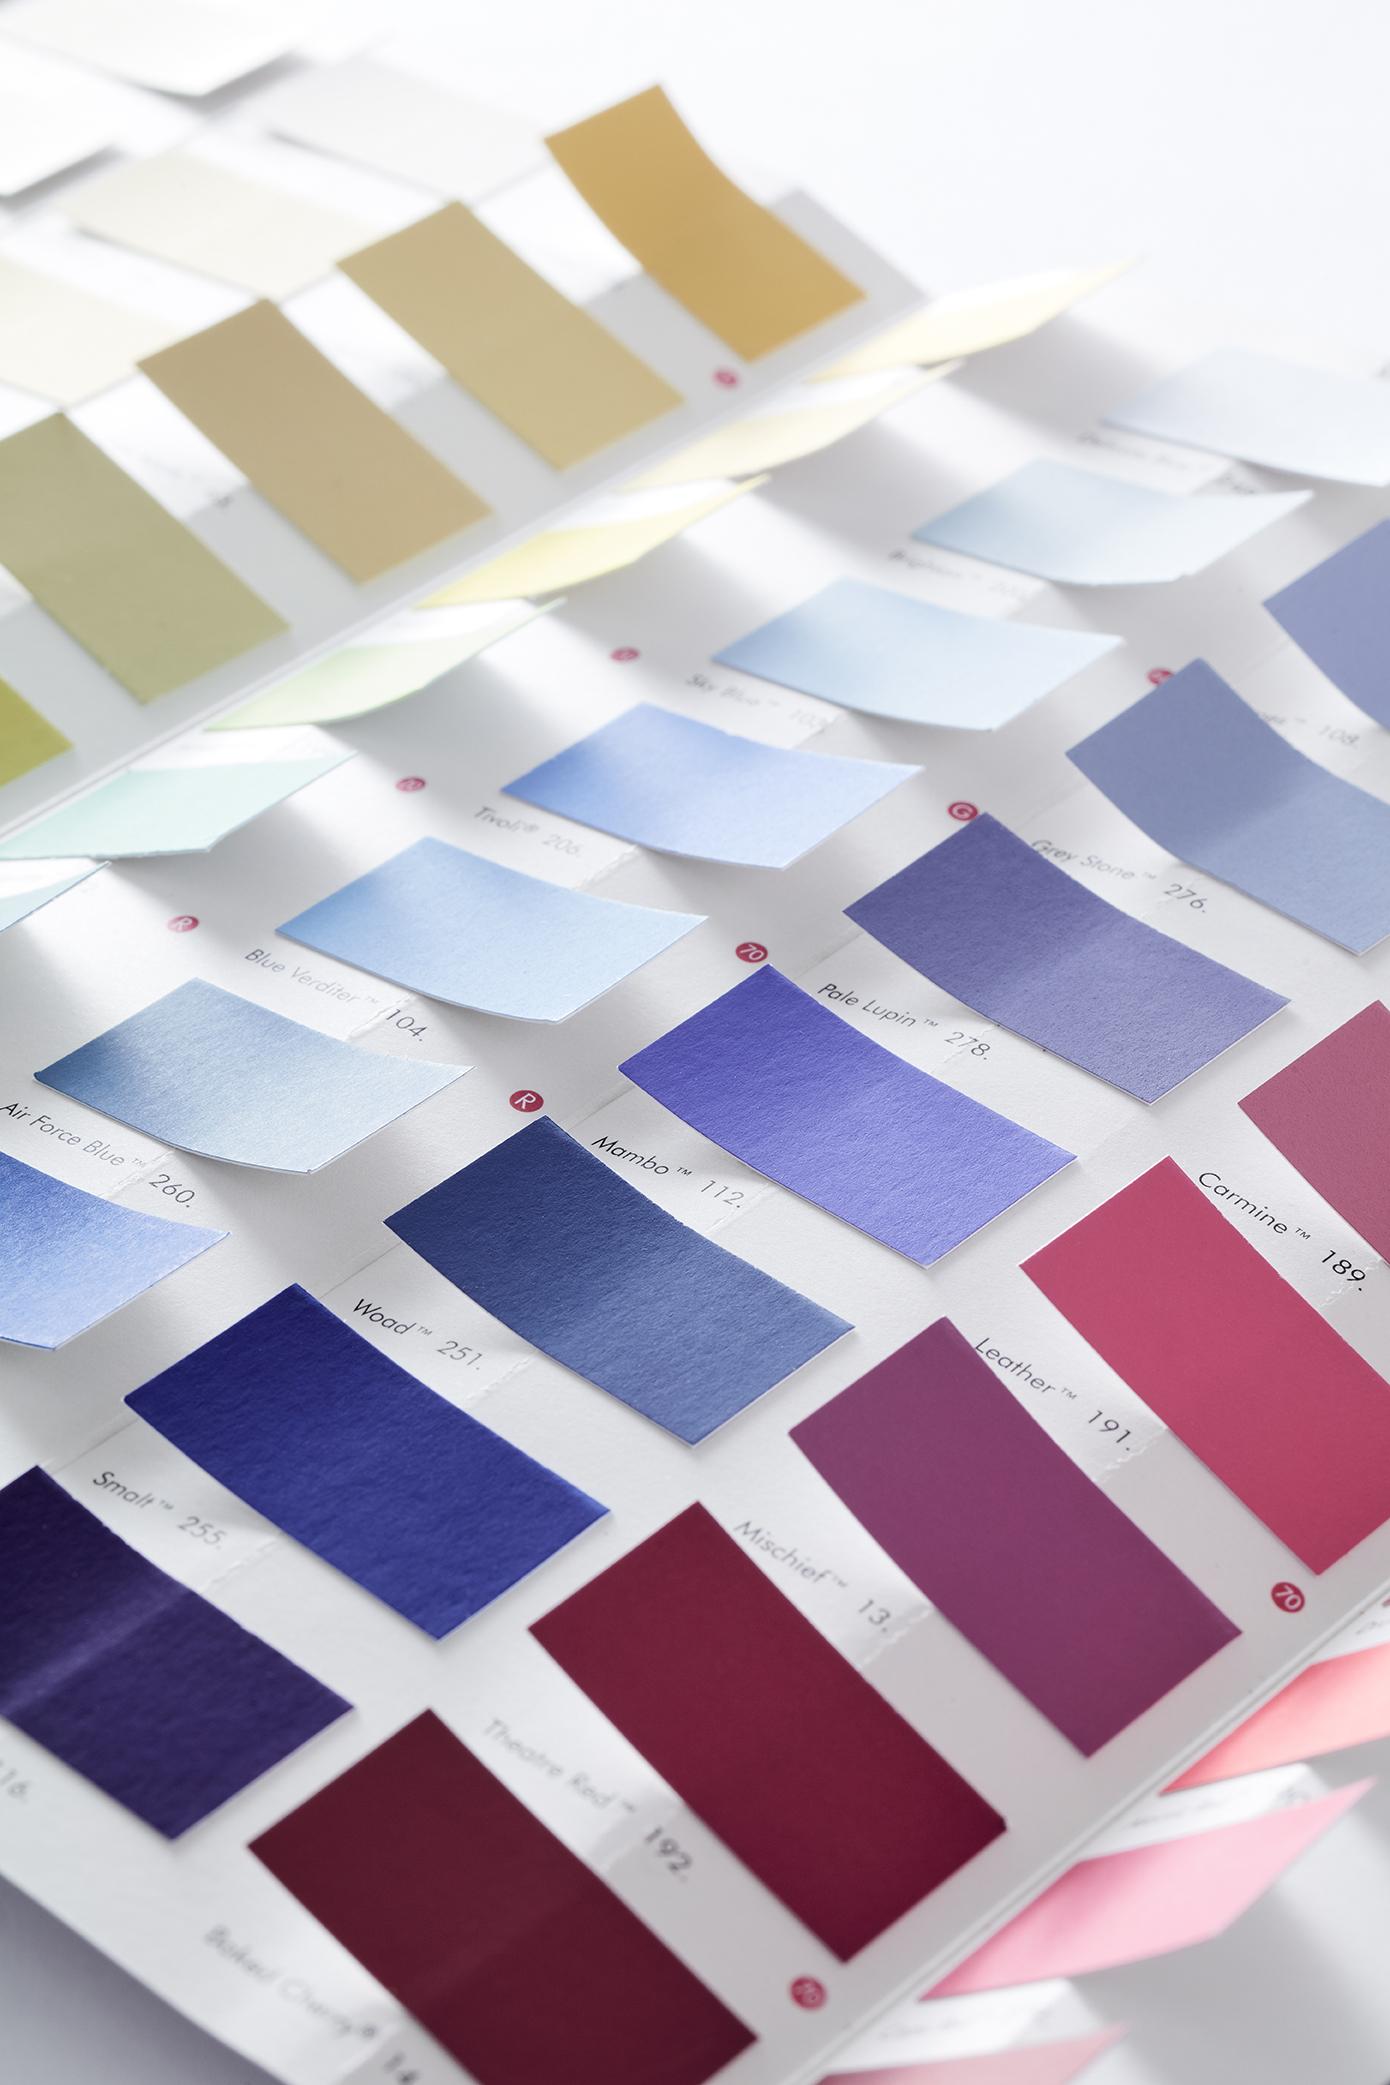 Produktkategorie Bestellen Sie hier eine kostenlose Farbkarte